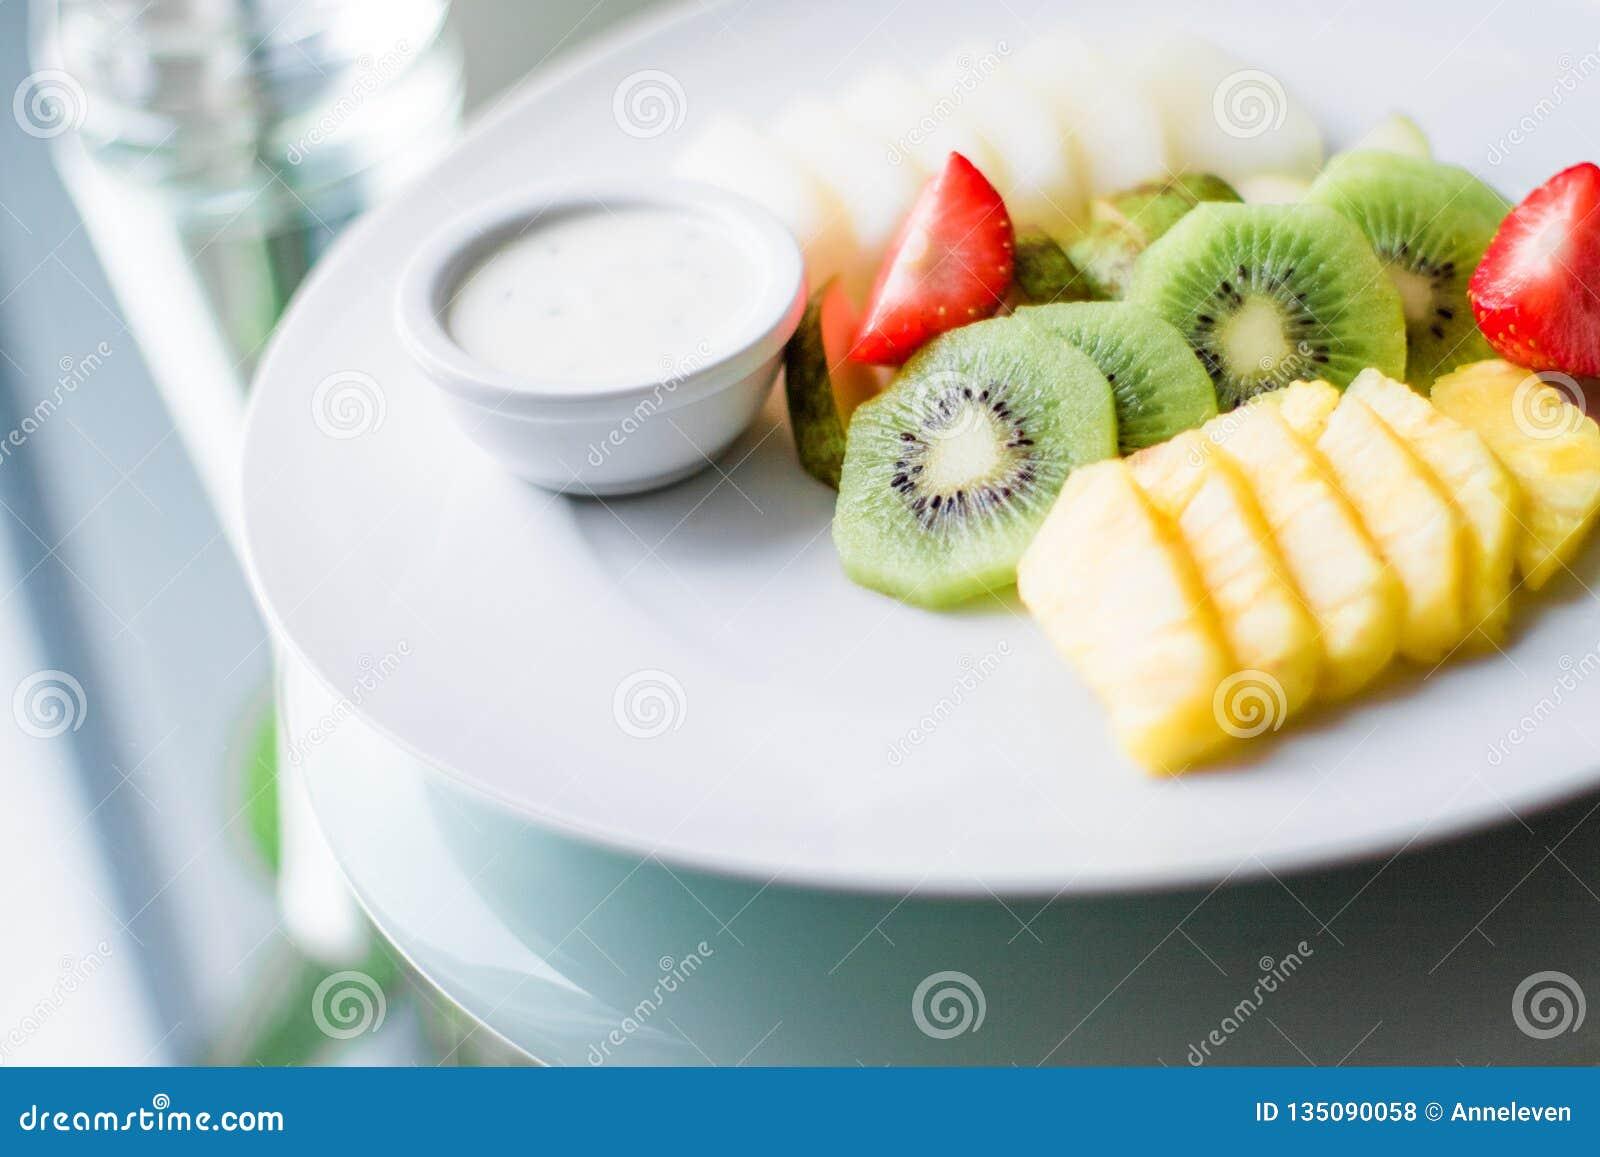 Fruchtplatte diente - frische Früchte und gesunde Ernährung angeredetes Konzept